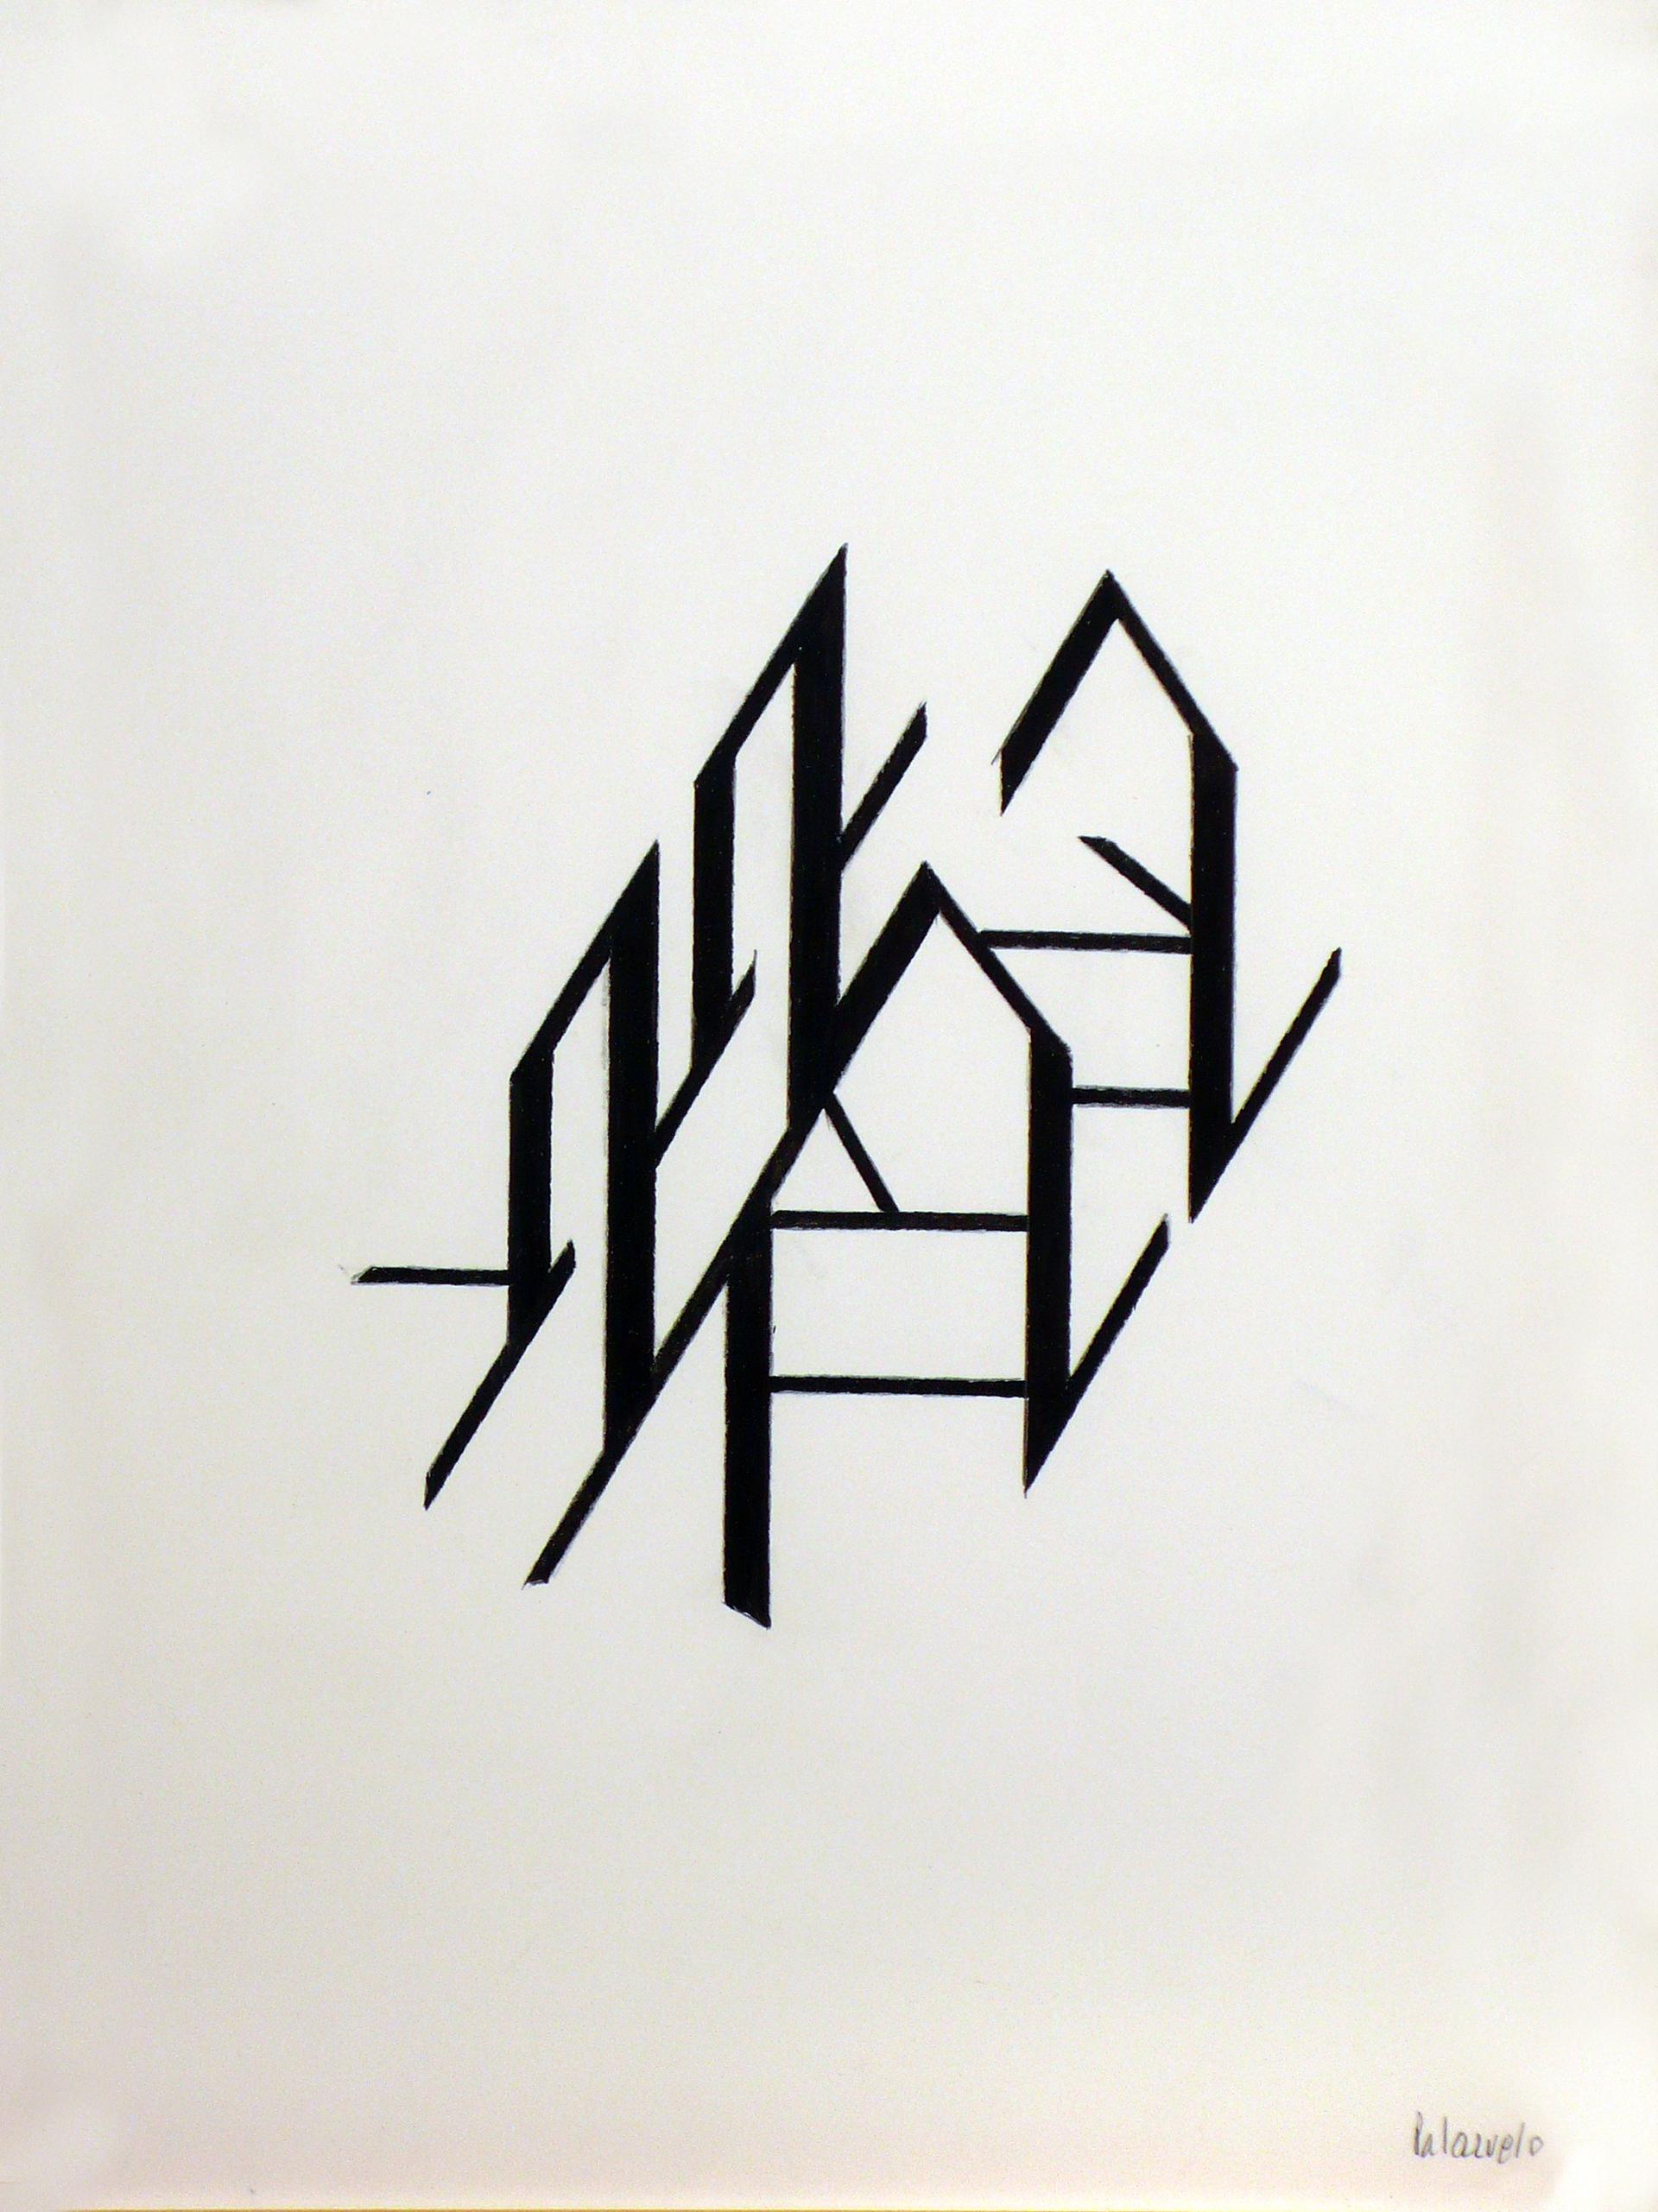 """Dibujo """"Signos I"""" de Pablo Palazuelo. Lapiz sobre papel. 1998"""